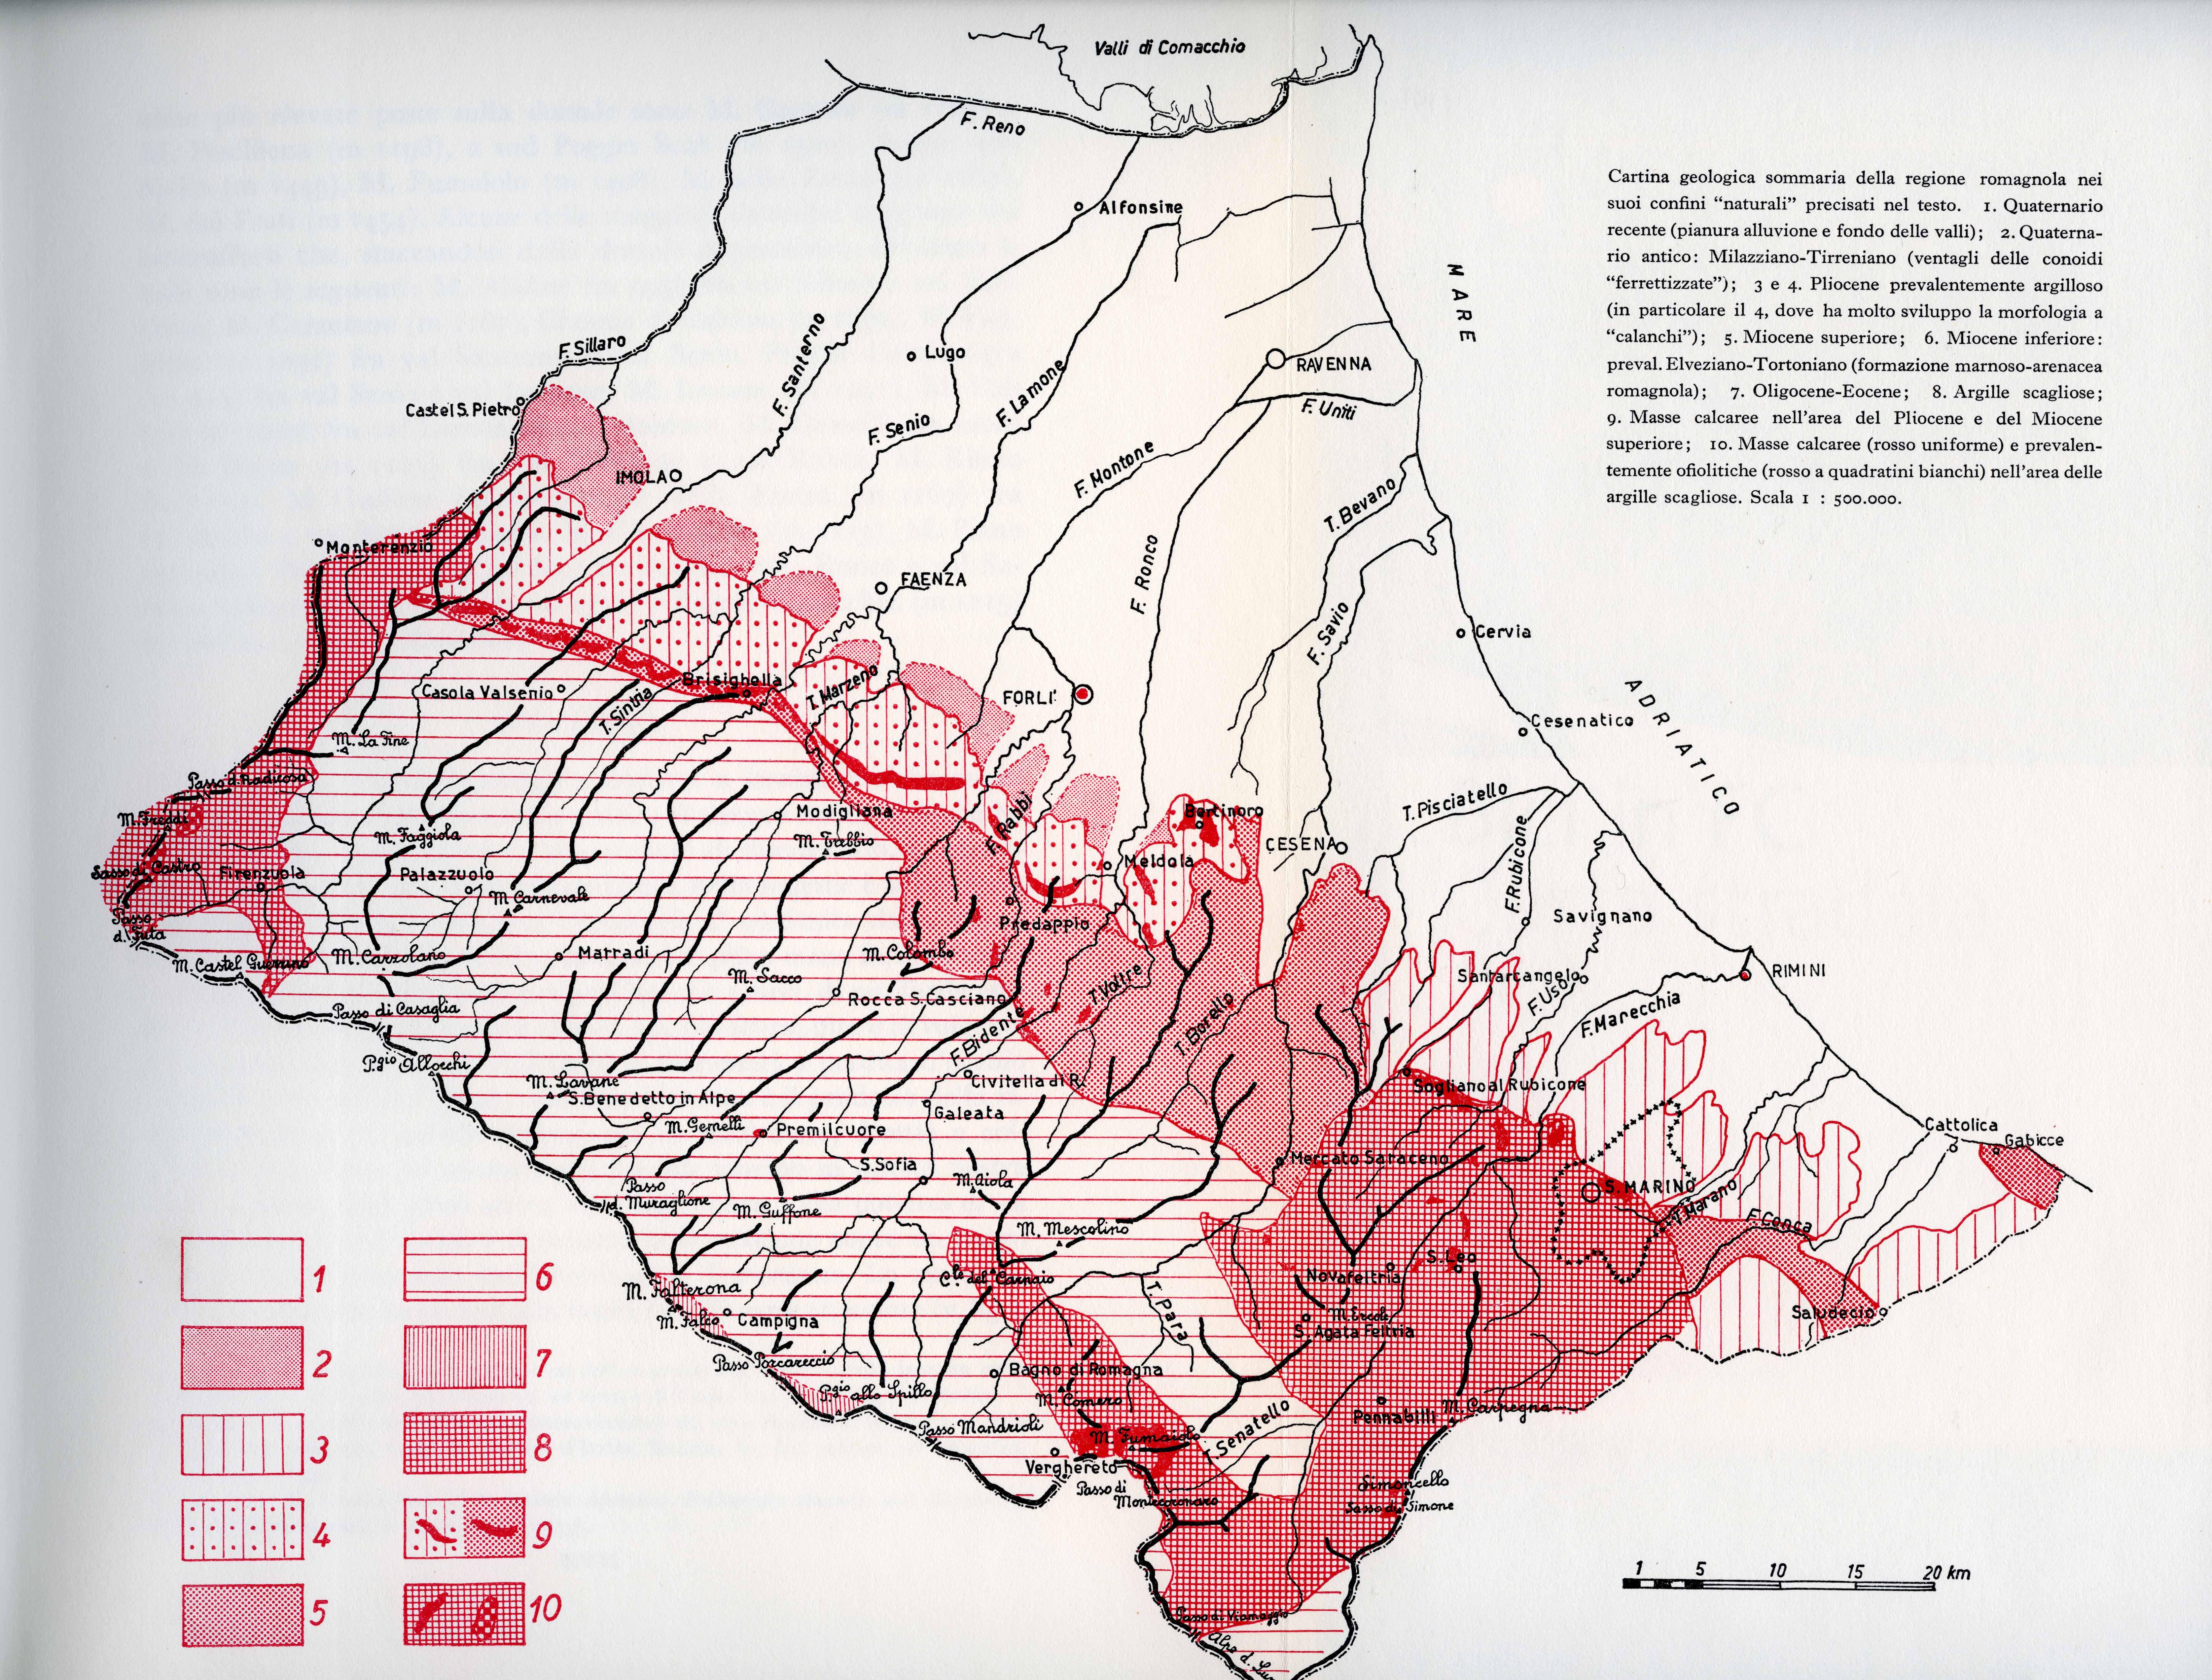 Carta Geologica Romagna